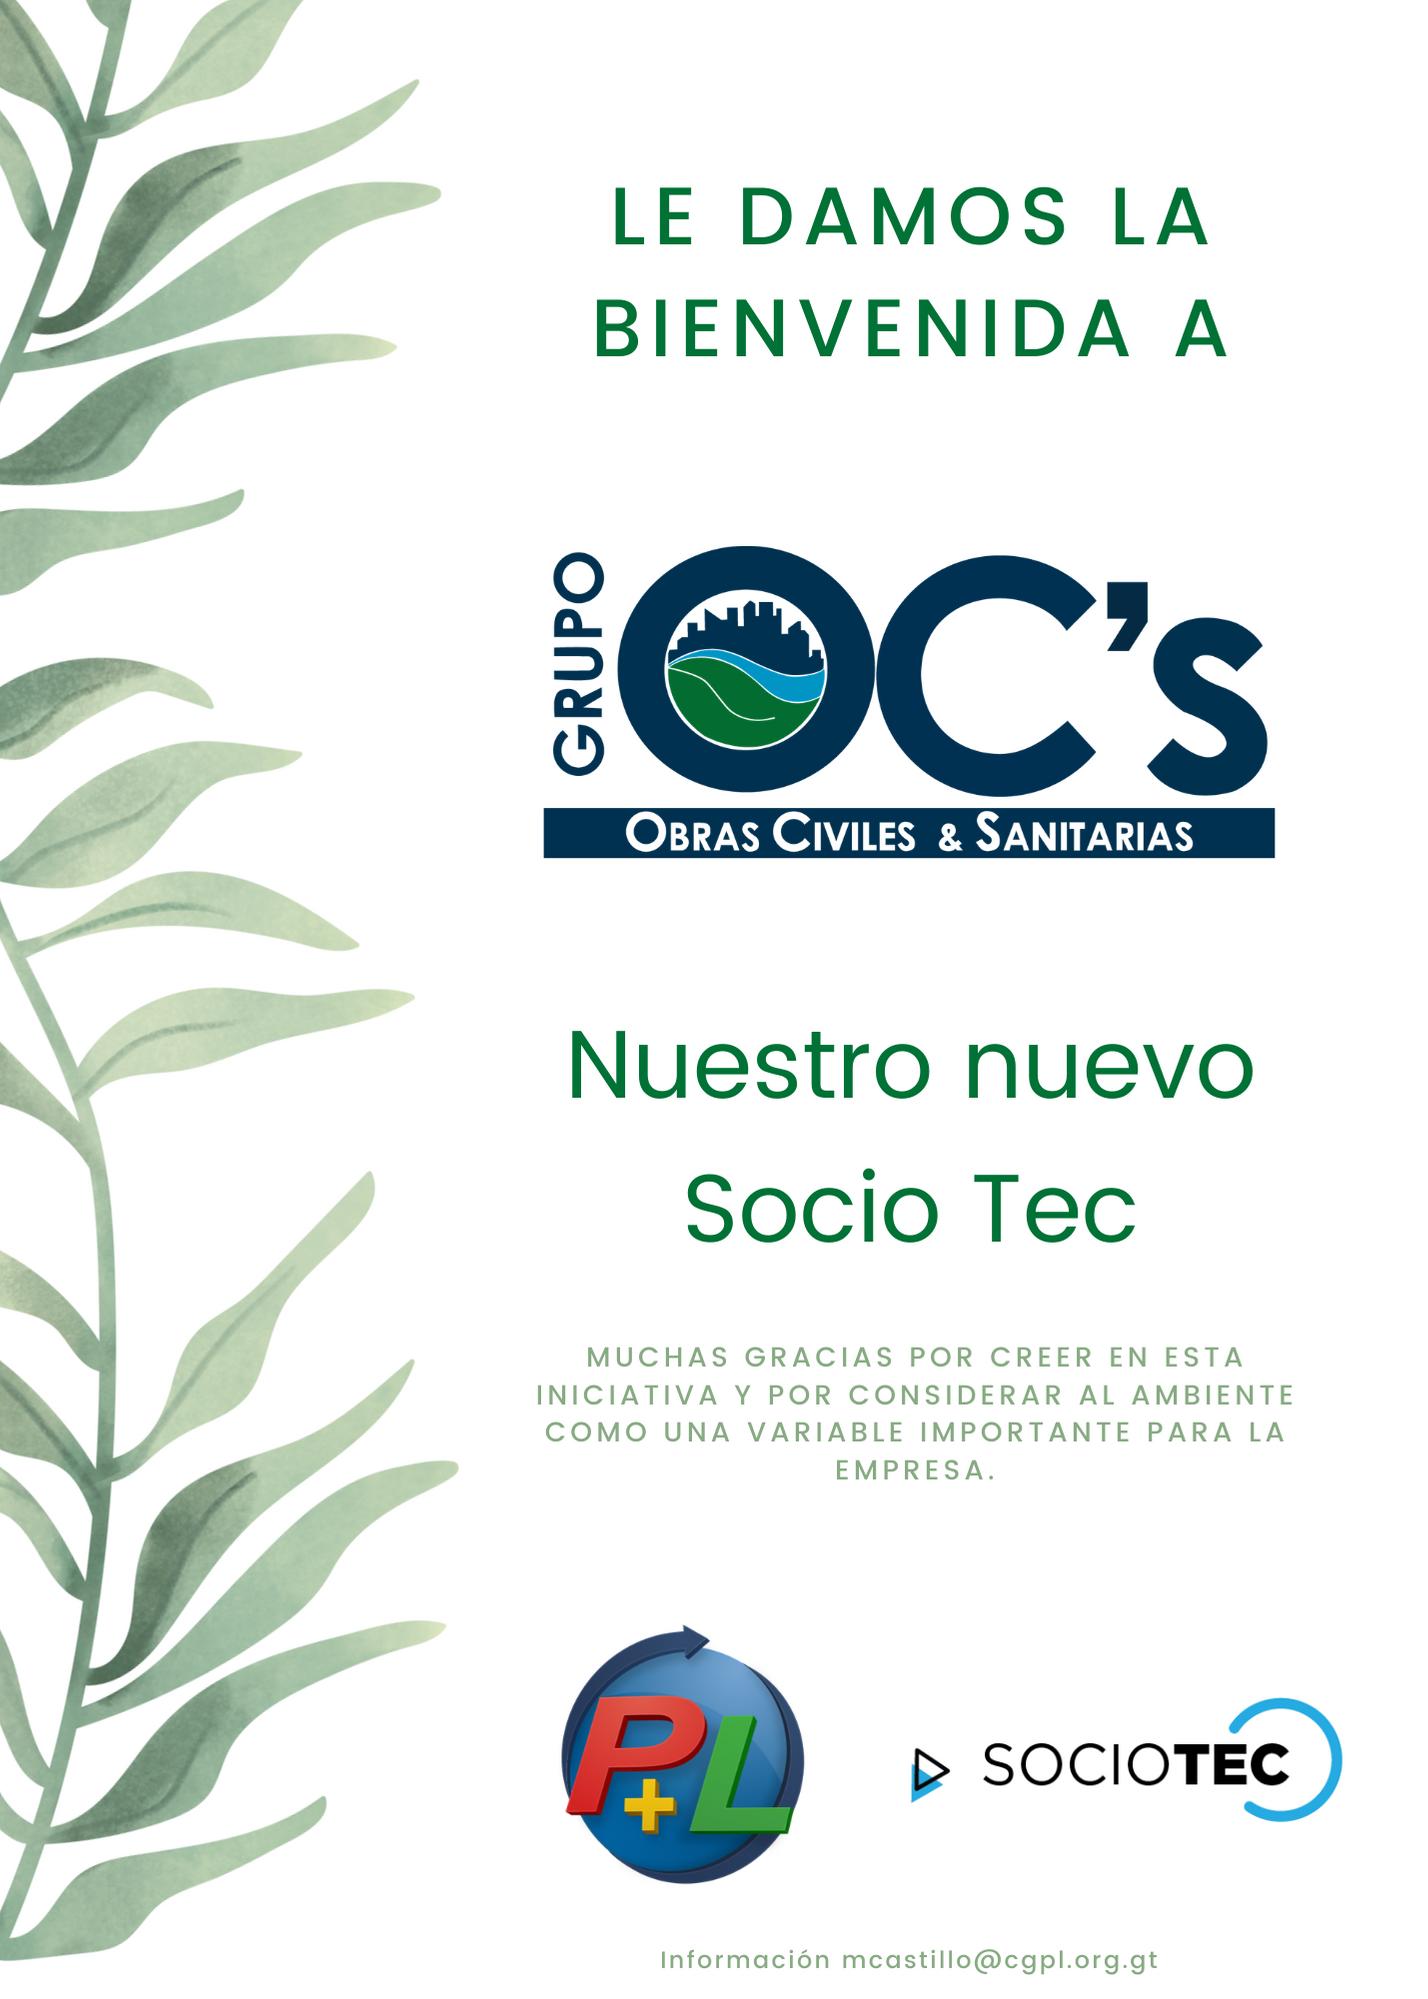 Le Damos La Bienvenida A Nuestro Nuevo Socio Tec, Grupo OCS